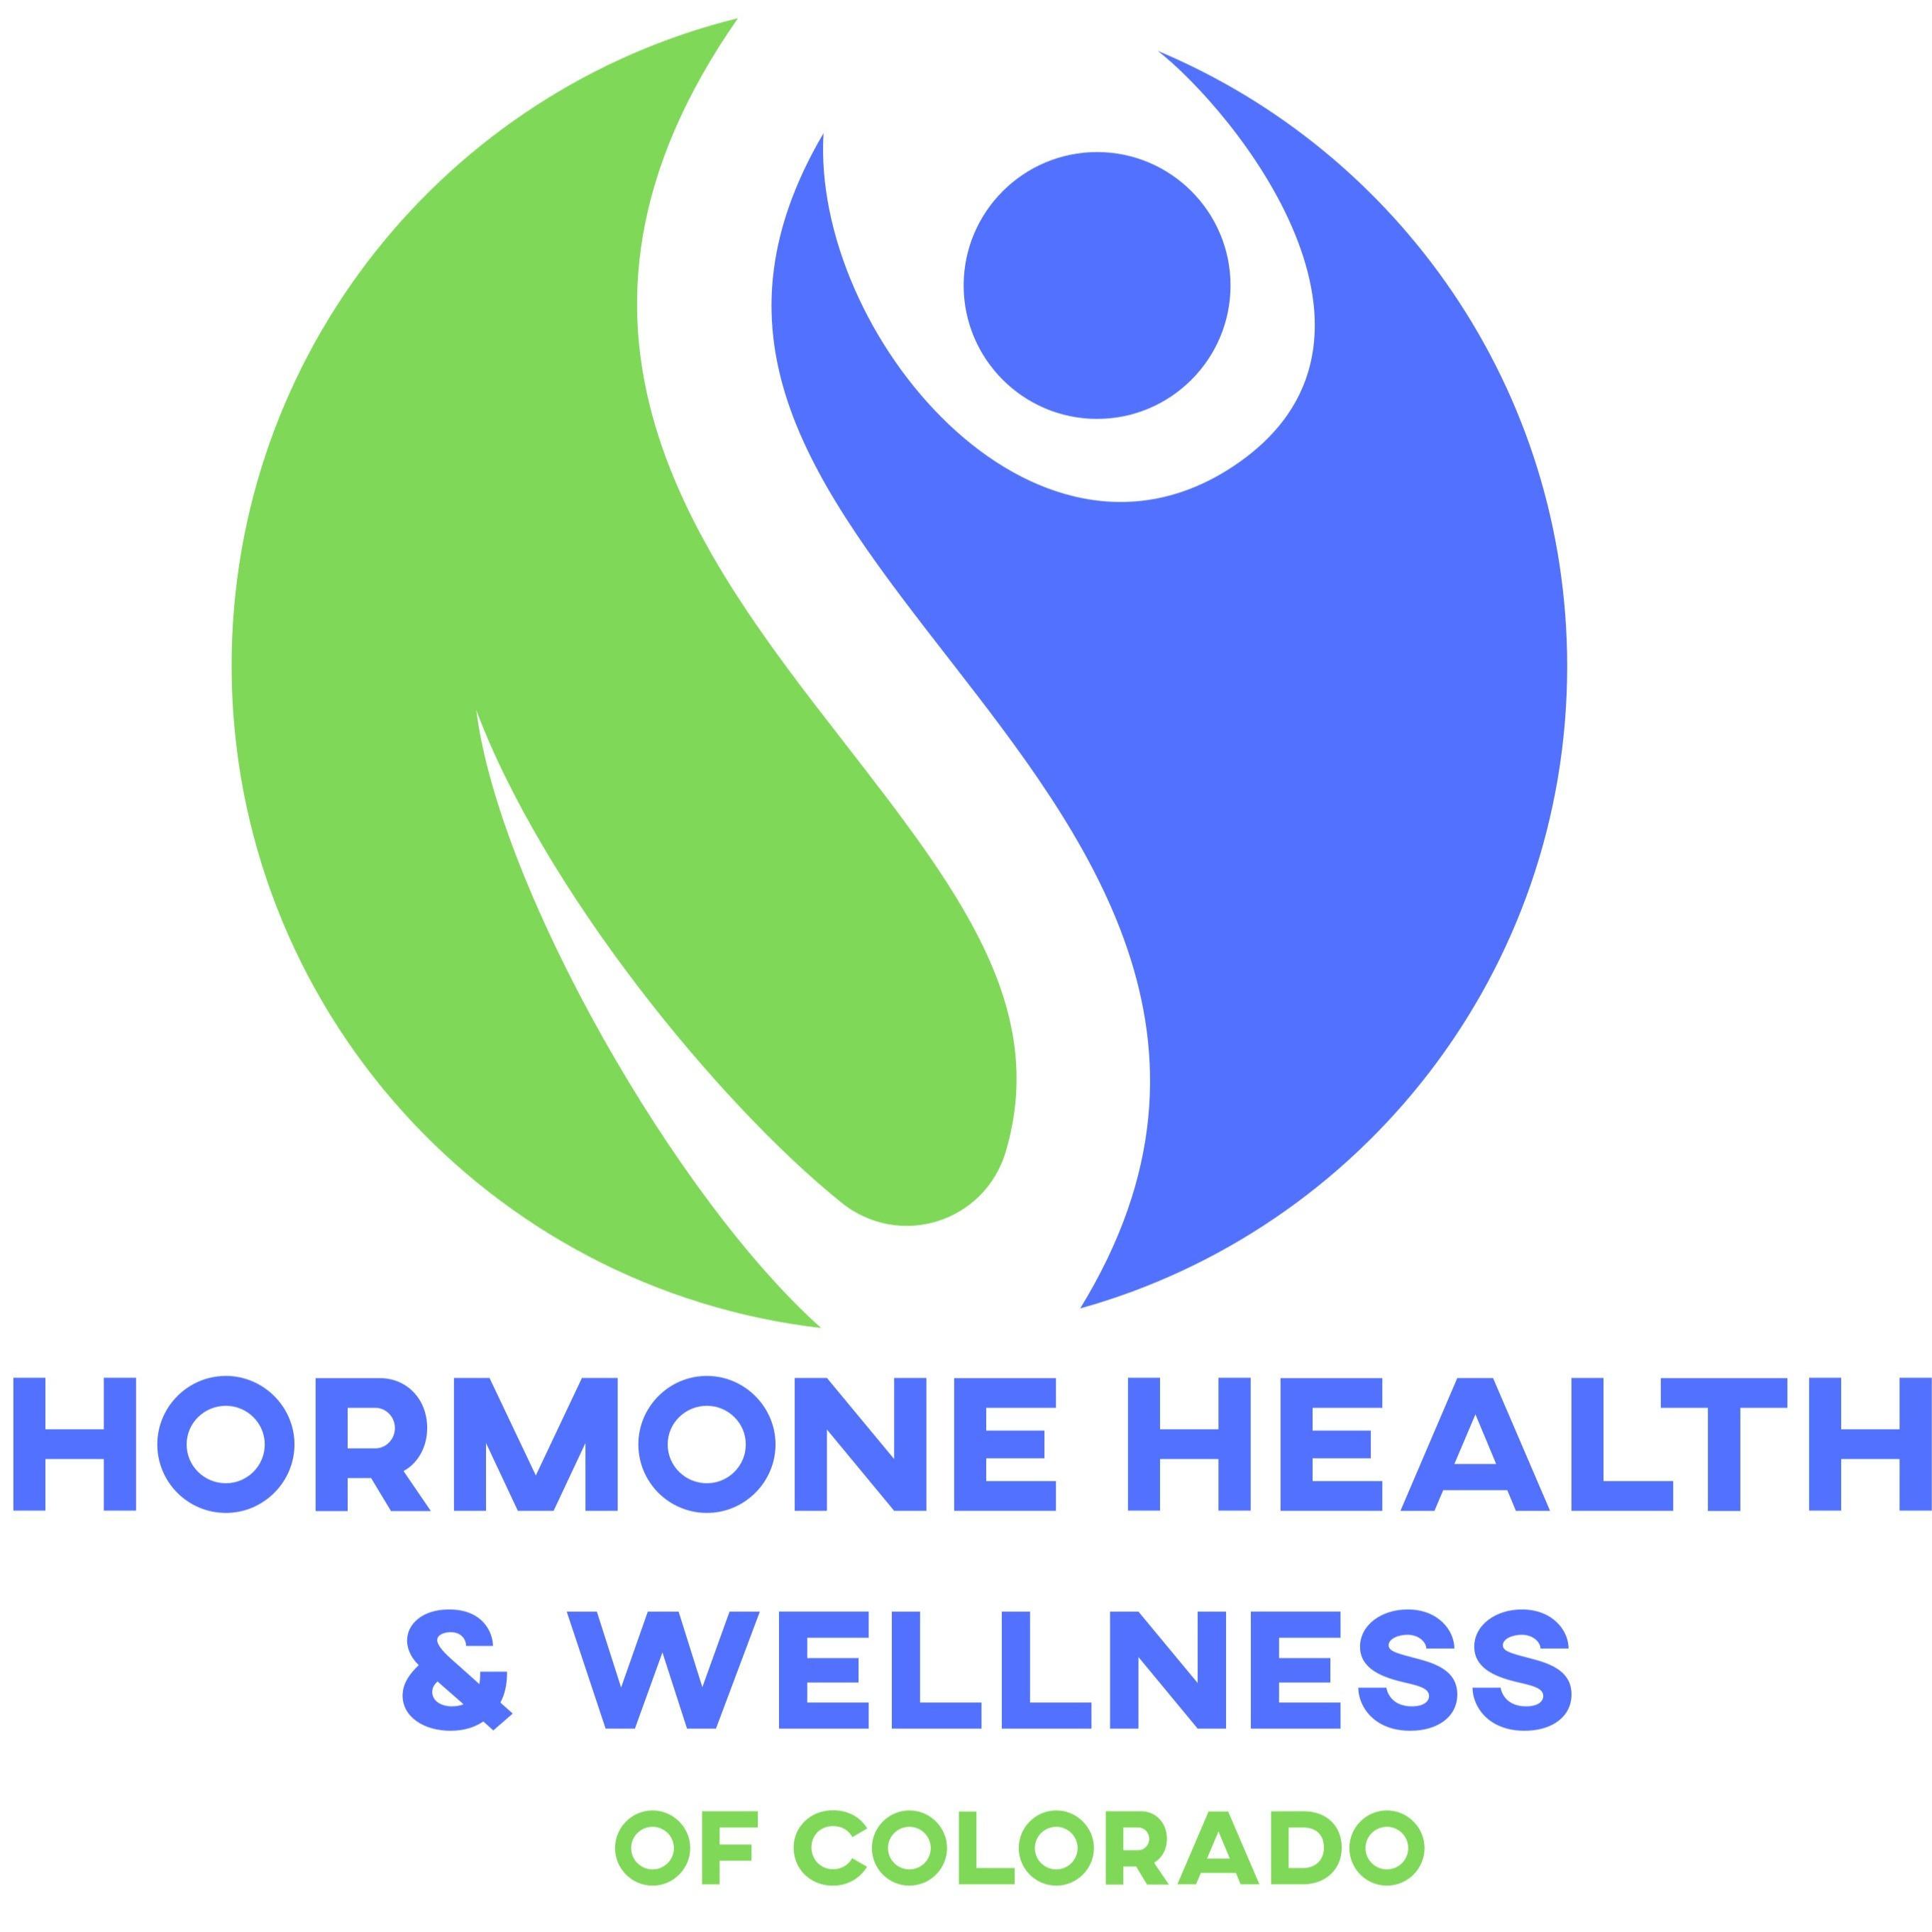 Hormone Health & Wellness of Colorado